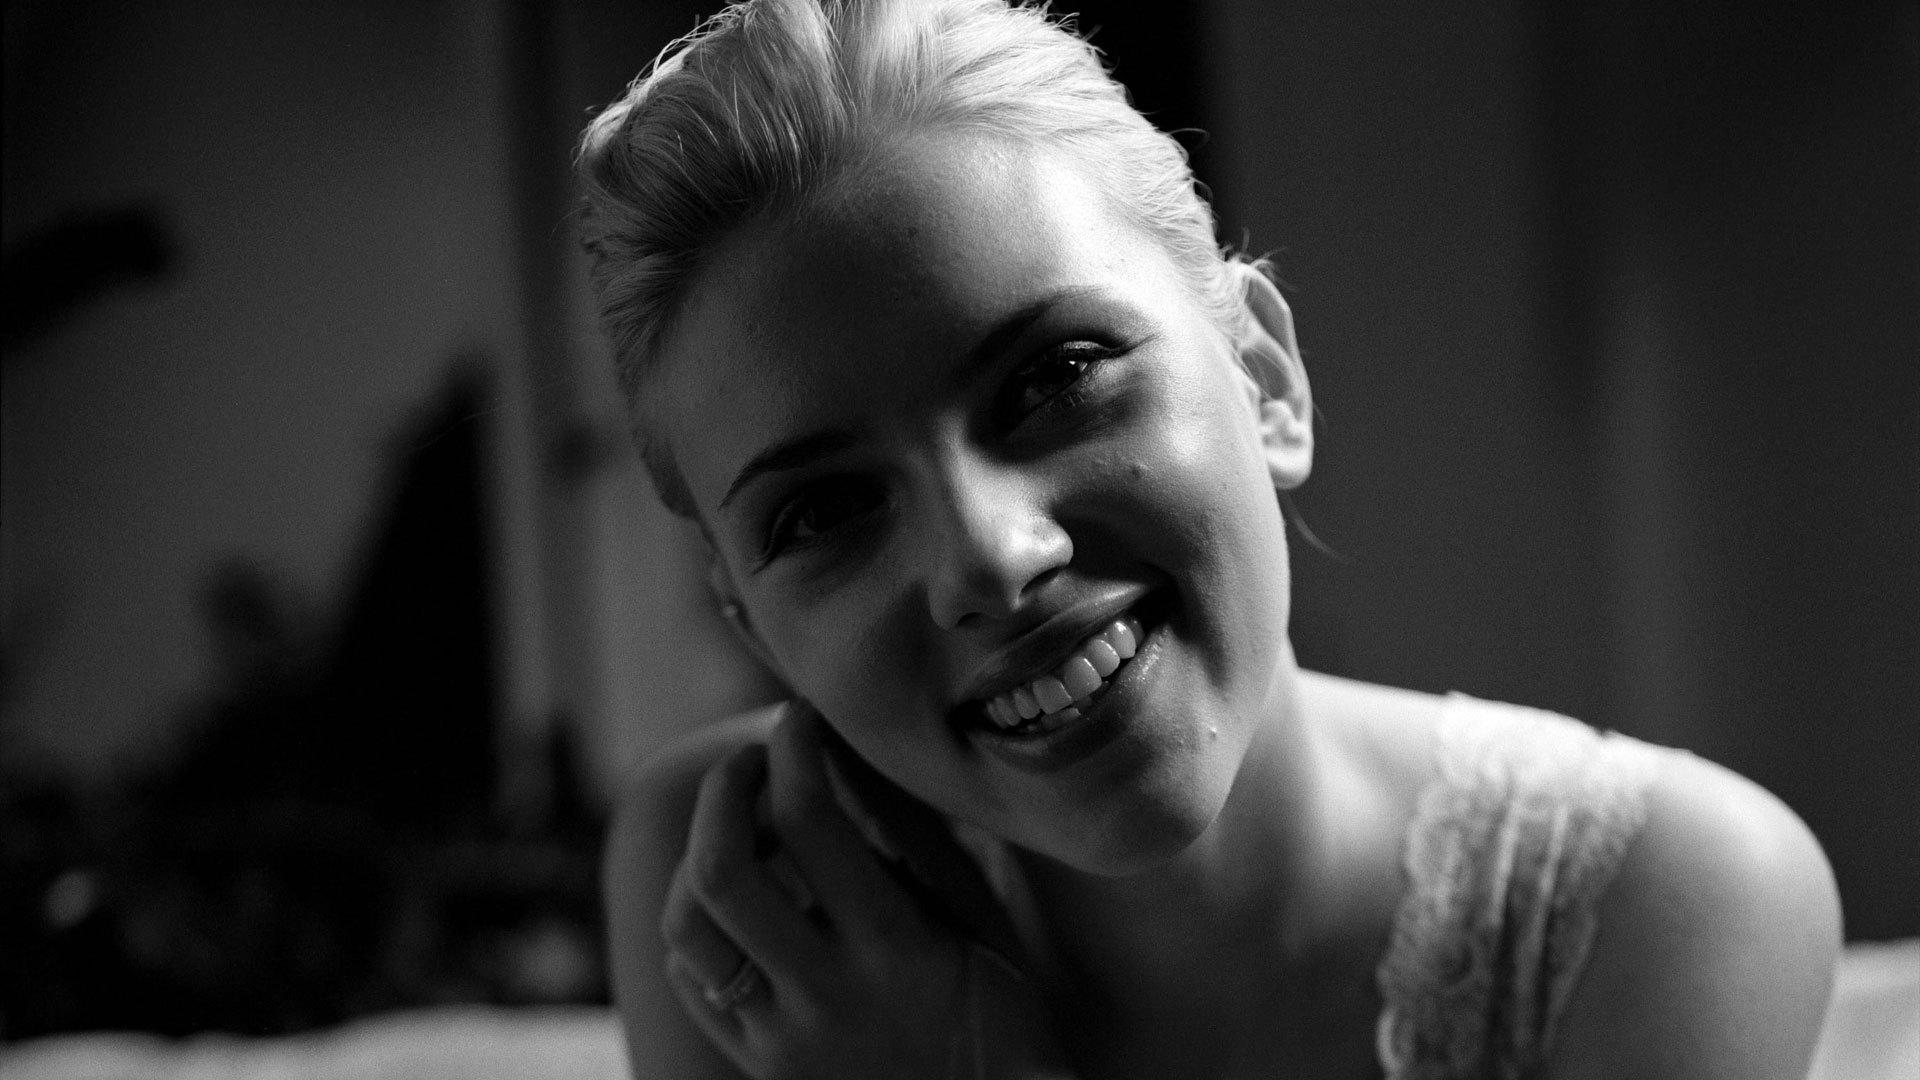 monochrome scarlett johansson smile wallpaper 65776